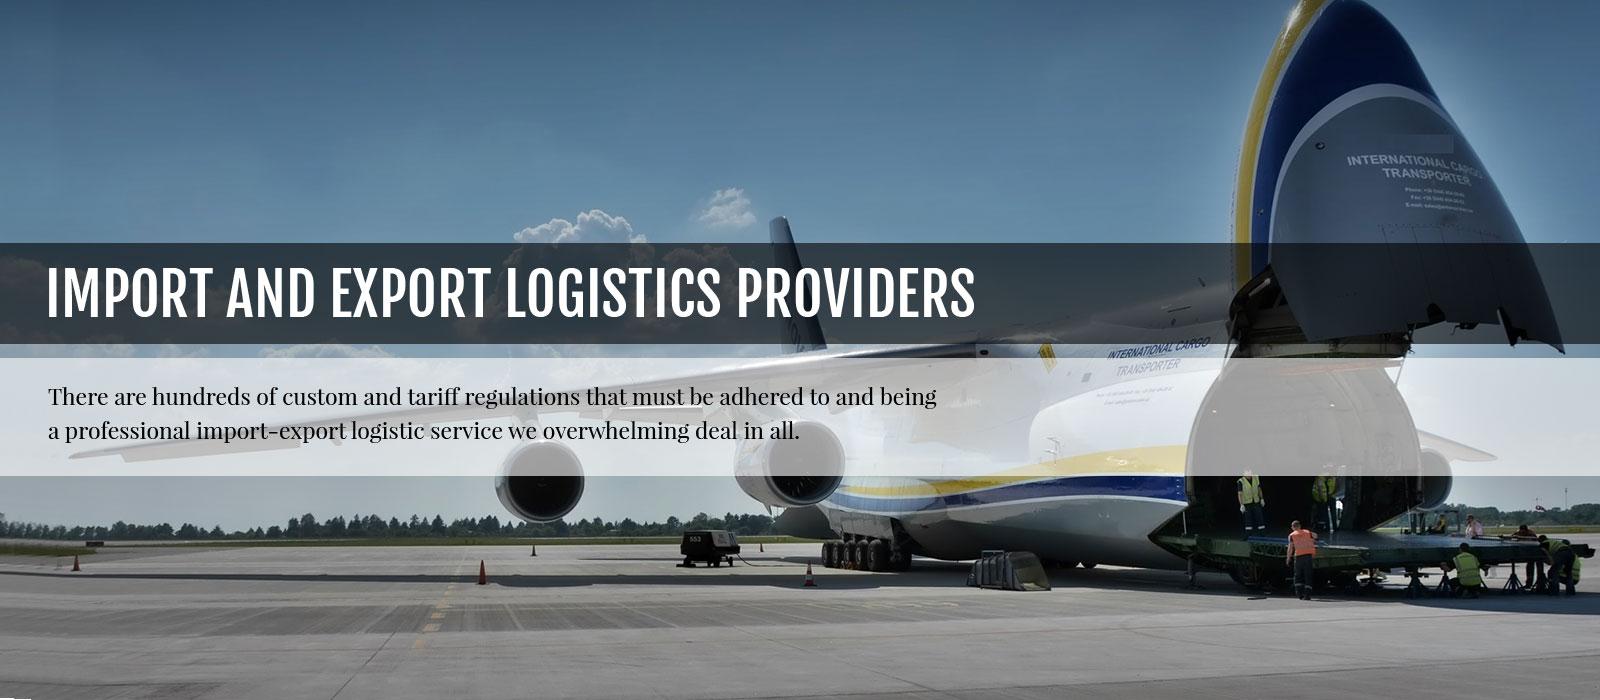 Custom Clearance Agent Heathrow,Customs Clearance Services Heathrow